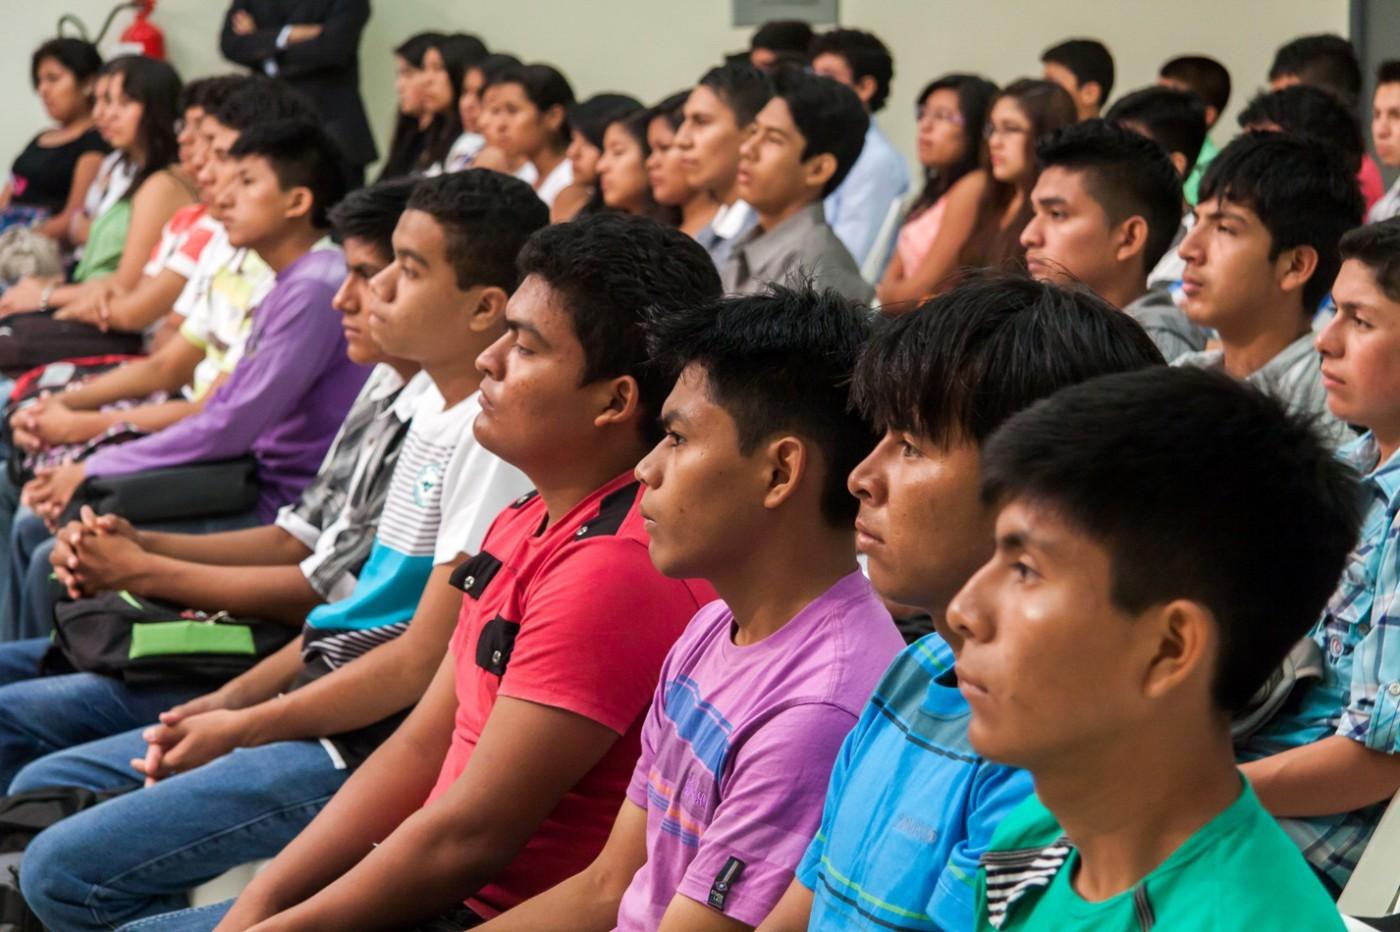 Becas pregrado para estudiar medicina en colombia - Becas para colombianos en el exterior ...